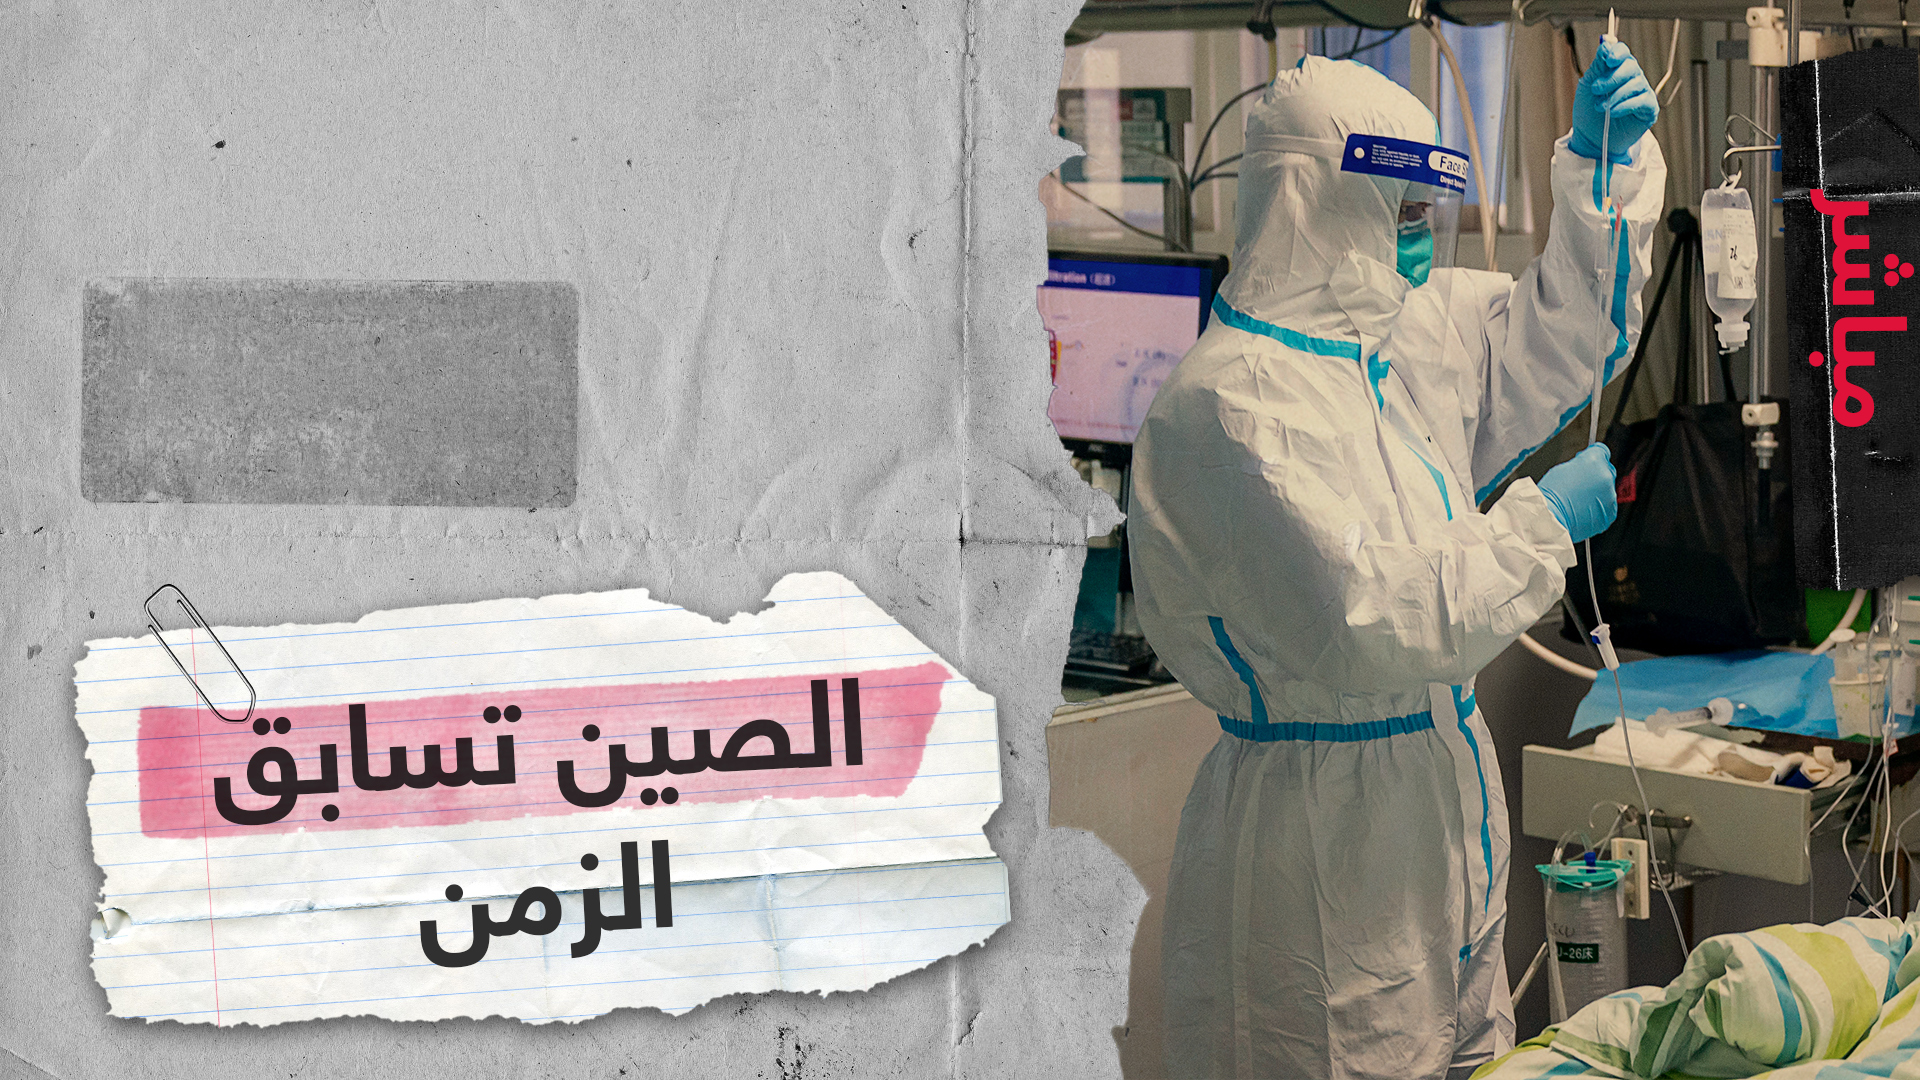 تطورات فيروس الصين القاتل هل يؤثر على العالم العربي؟